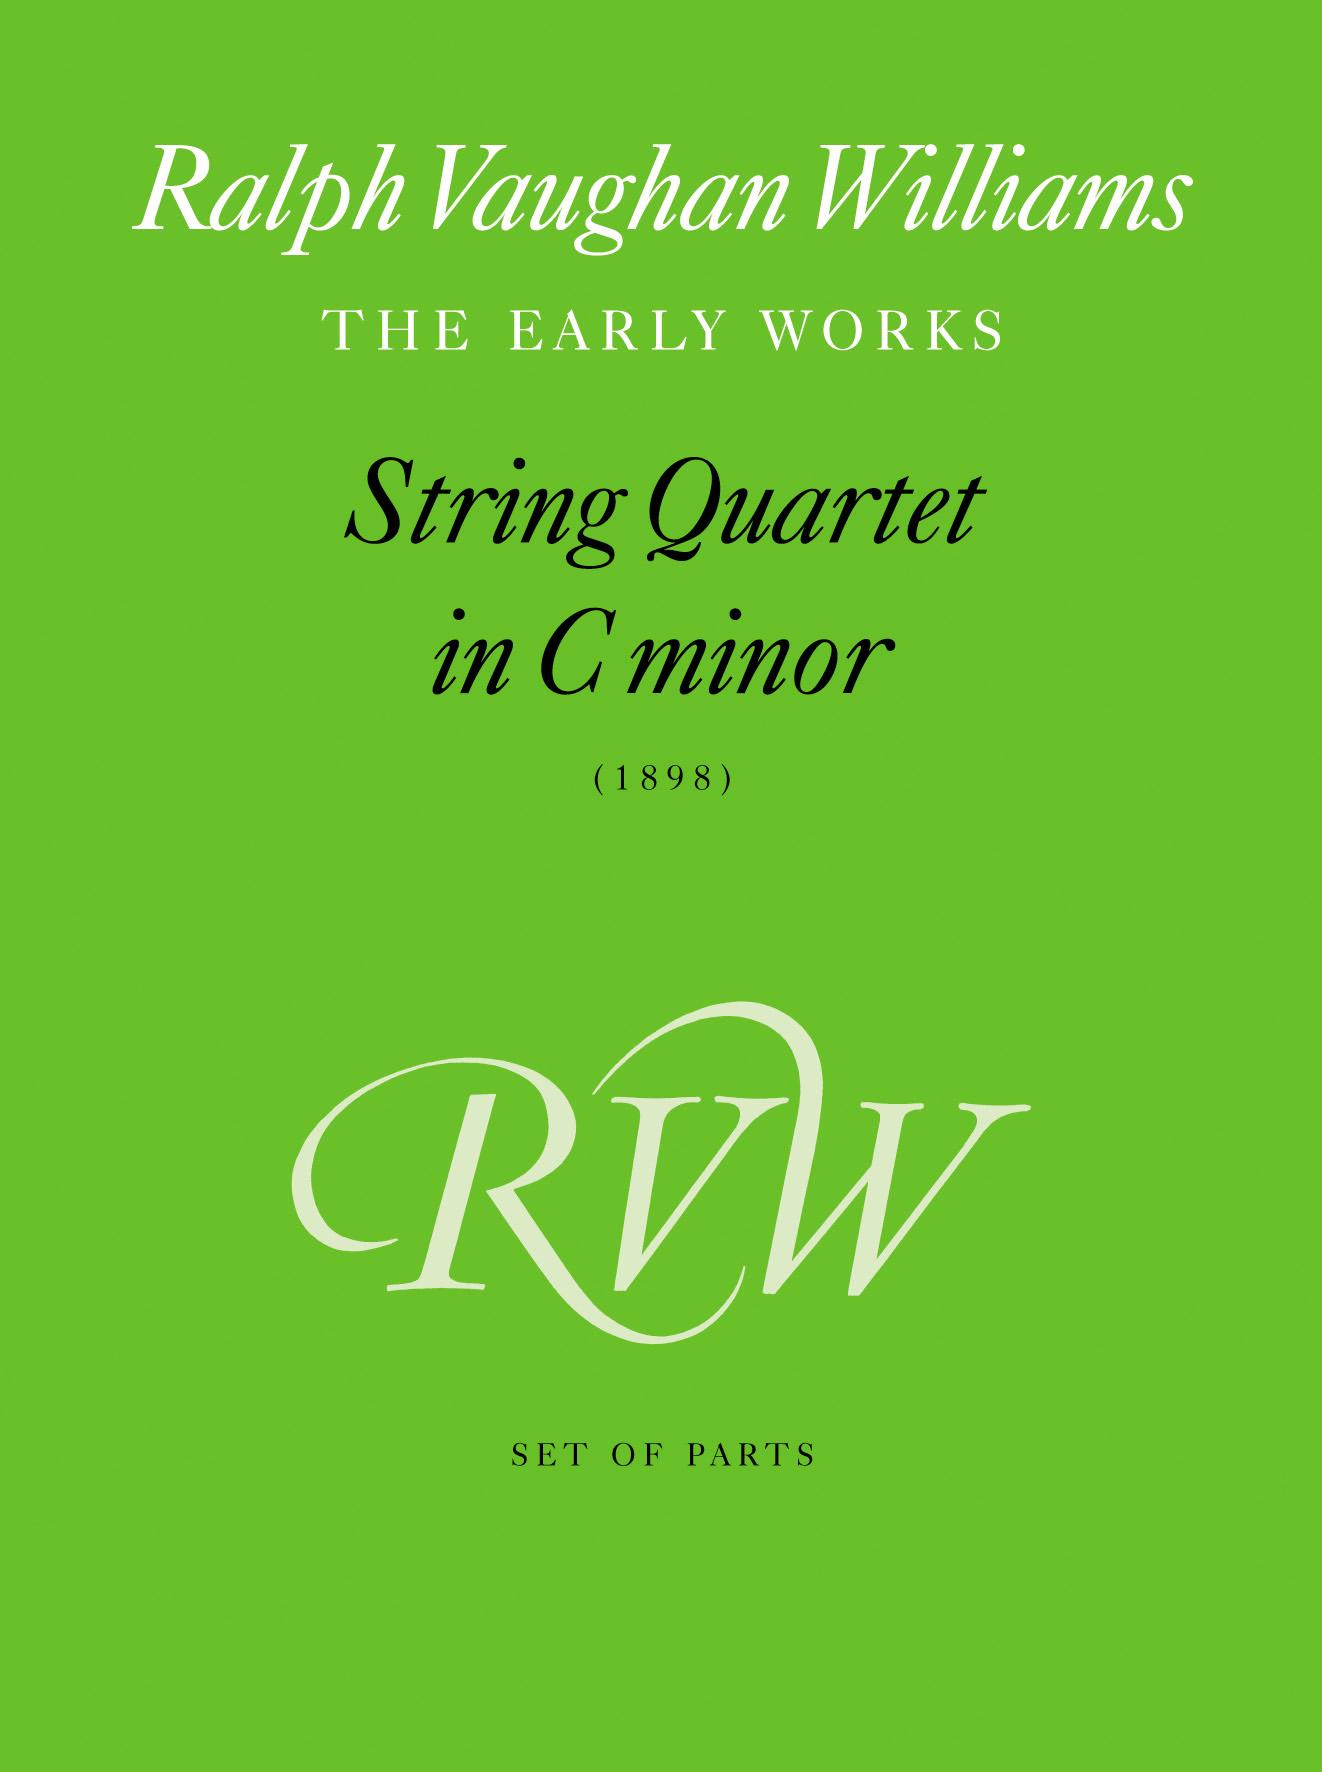 Ralph Vaughan Williams: String Quartet in C minor: String Quartet